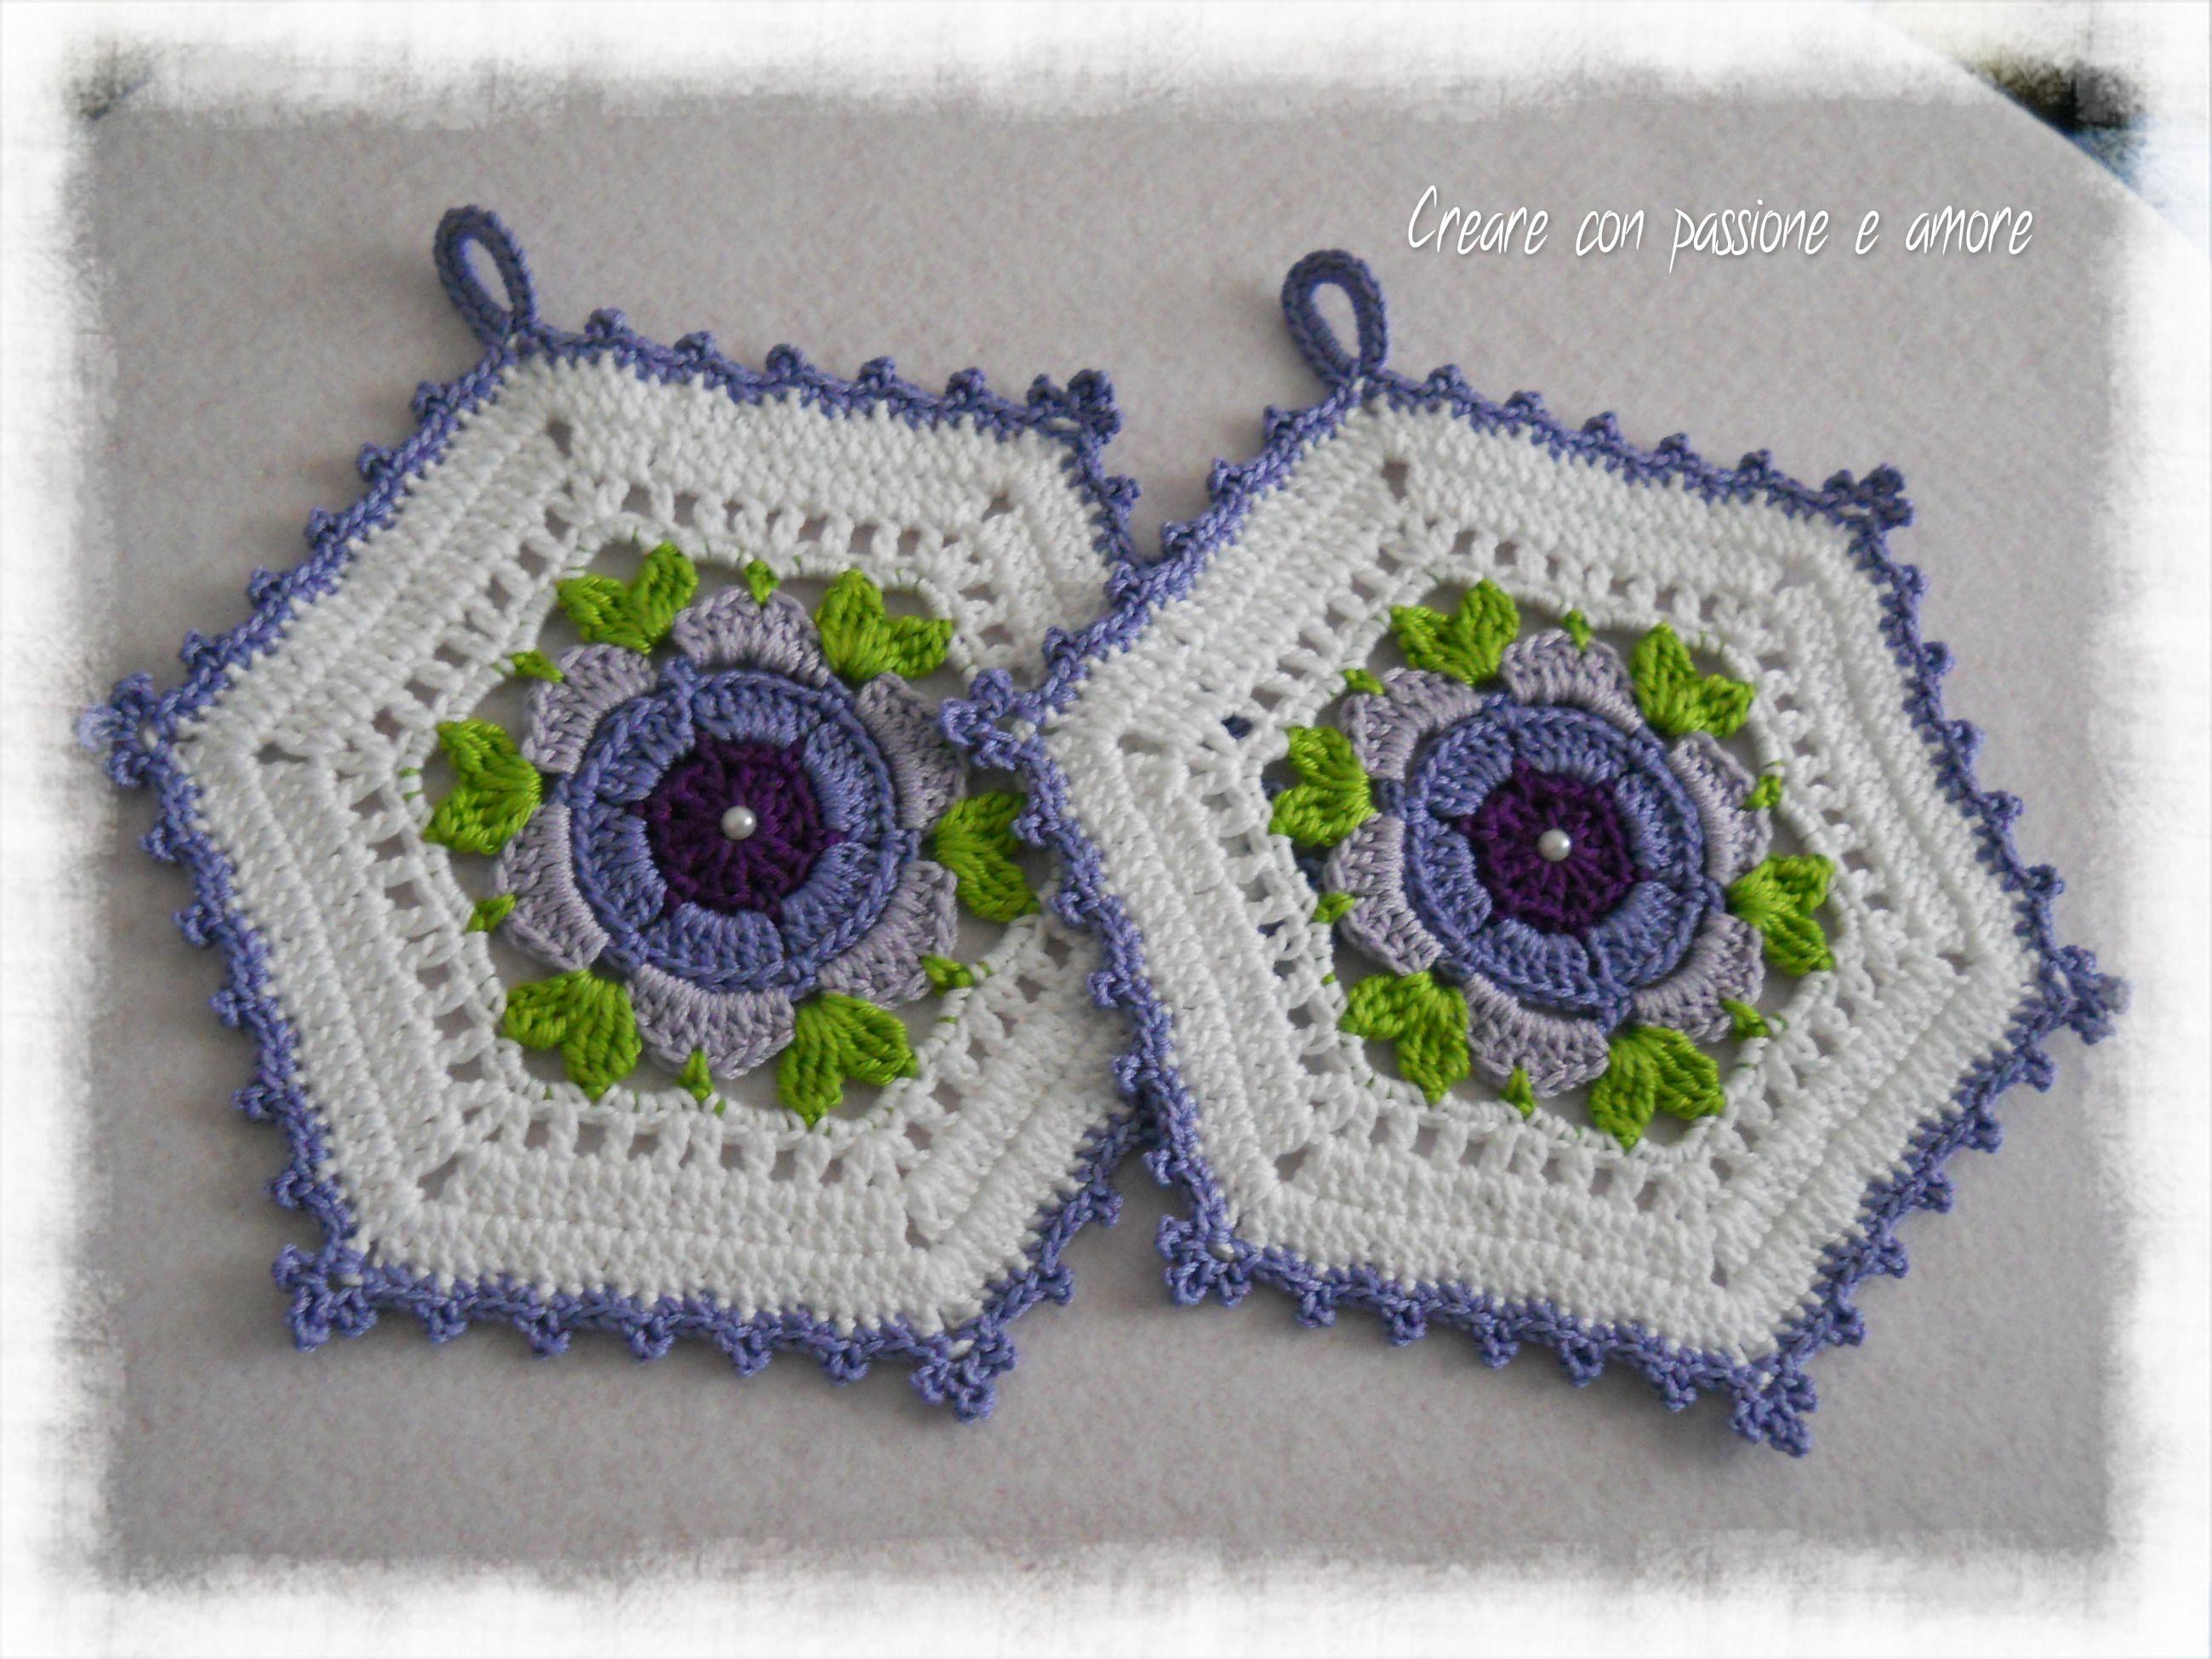 PRESINE UNCINETTO <3 #creareconpassioneeamore #crochet #potholder ...